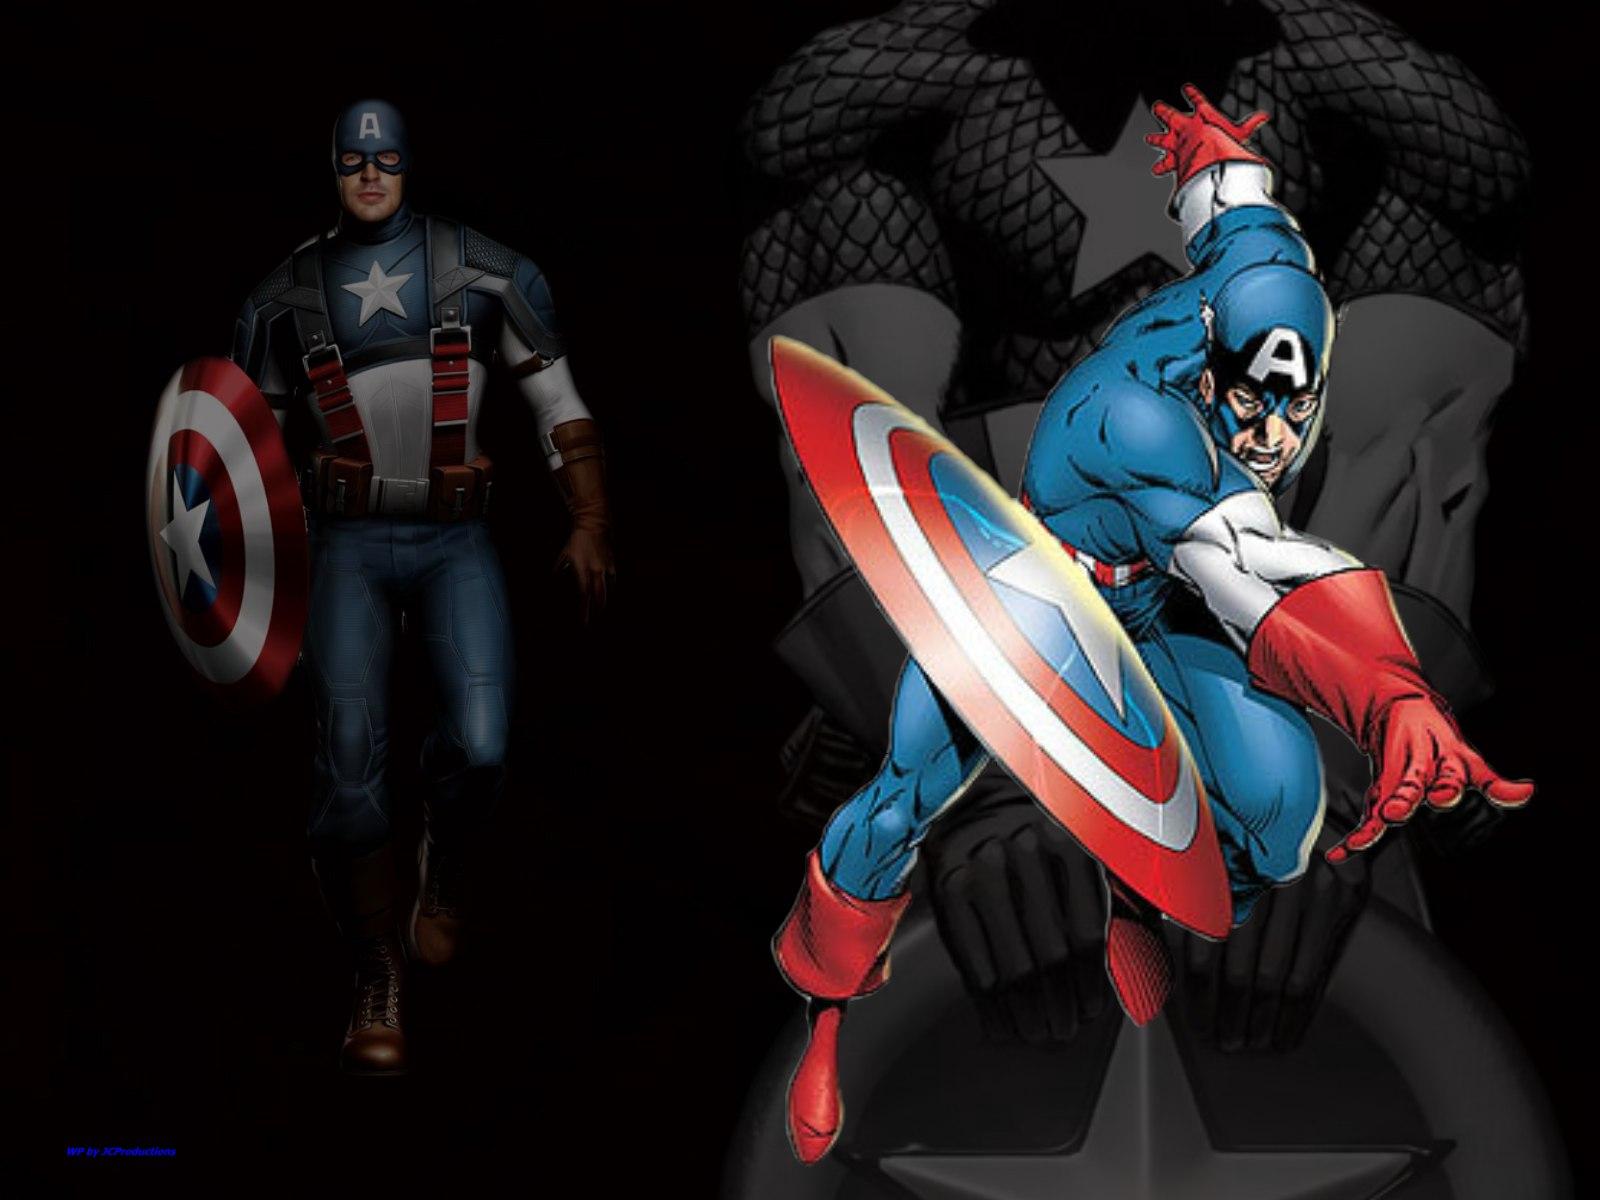 Beautiful Wallpaper Mobile Captain America - Captain-America-captain-america-26883175-1600-1200  Best Photo Reference_557873.jpg